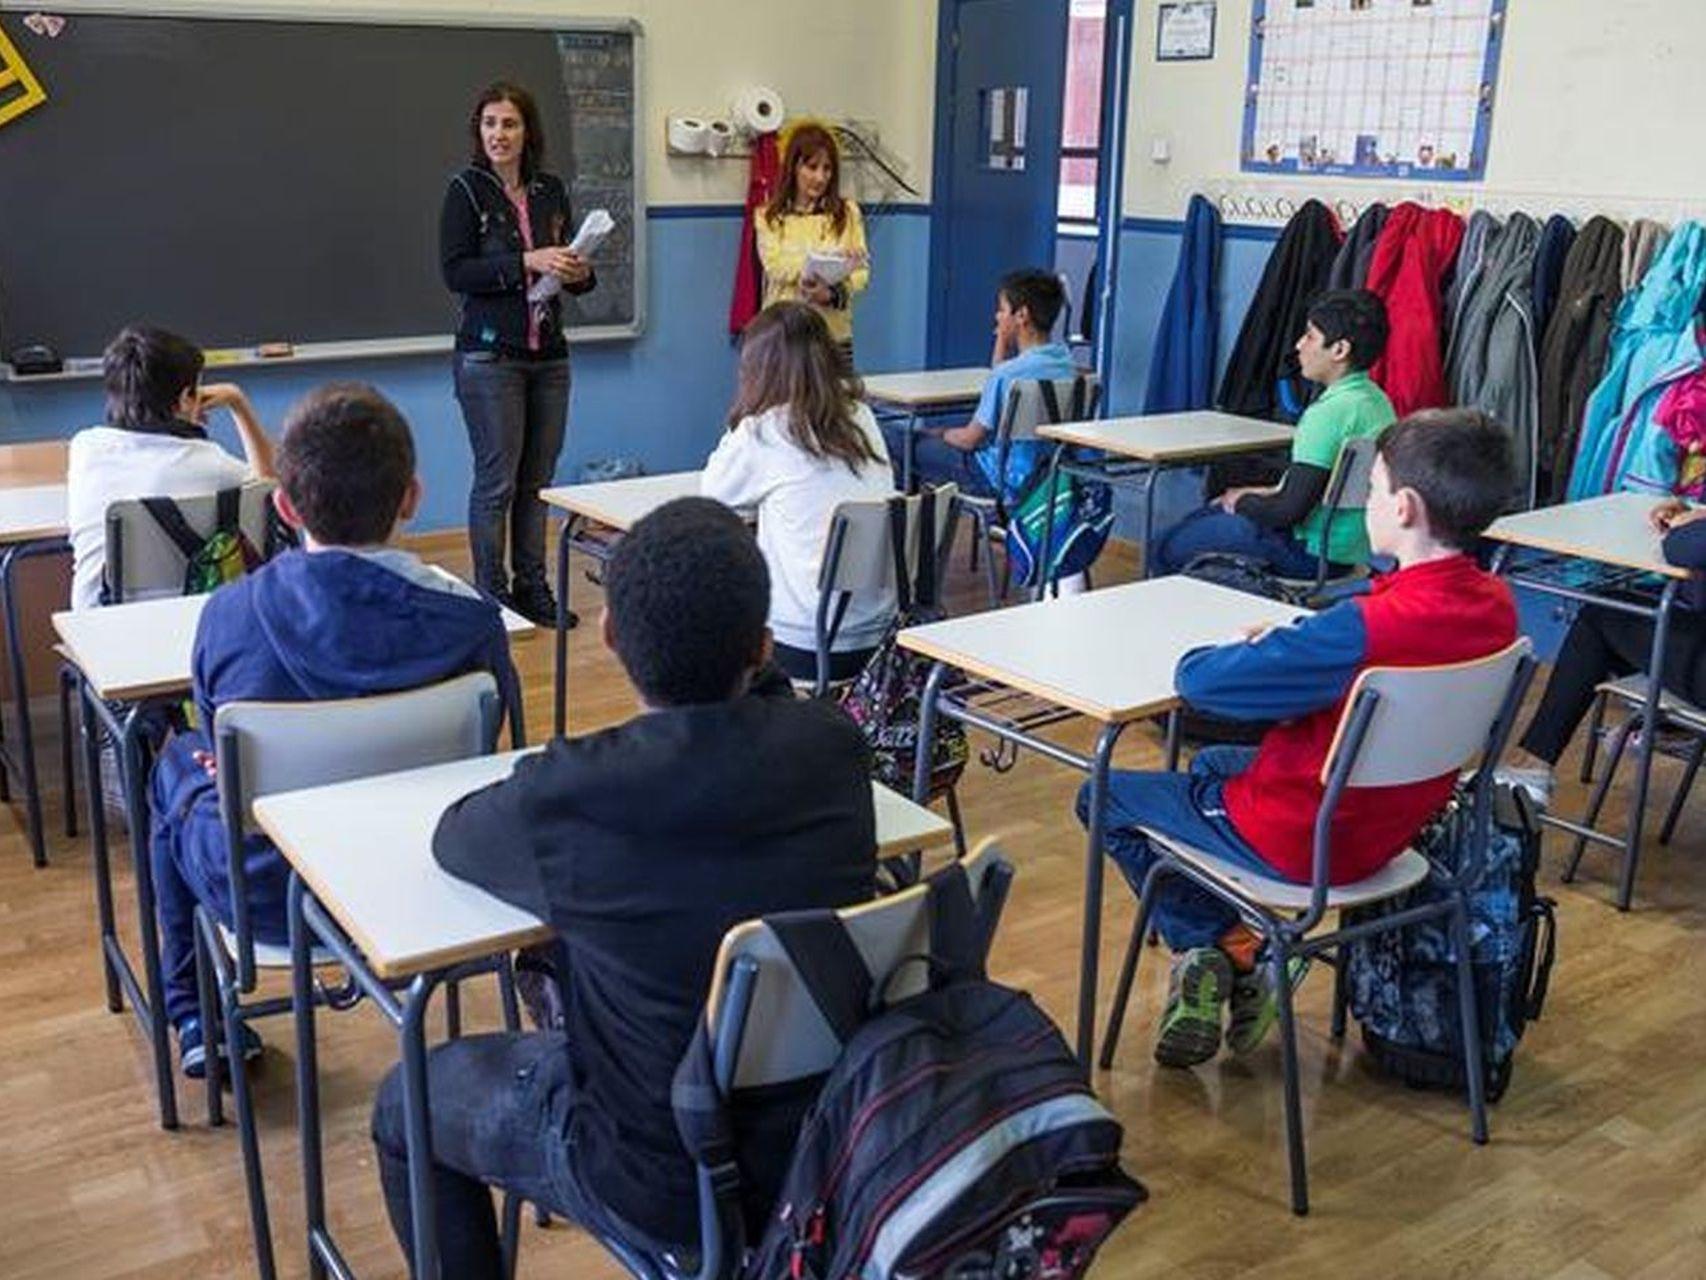 Sindicatos muestran preocupación ante la aplicación de recortes en la educación pública